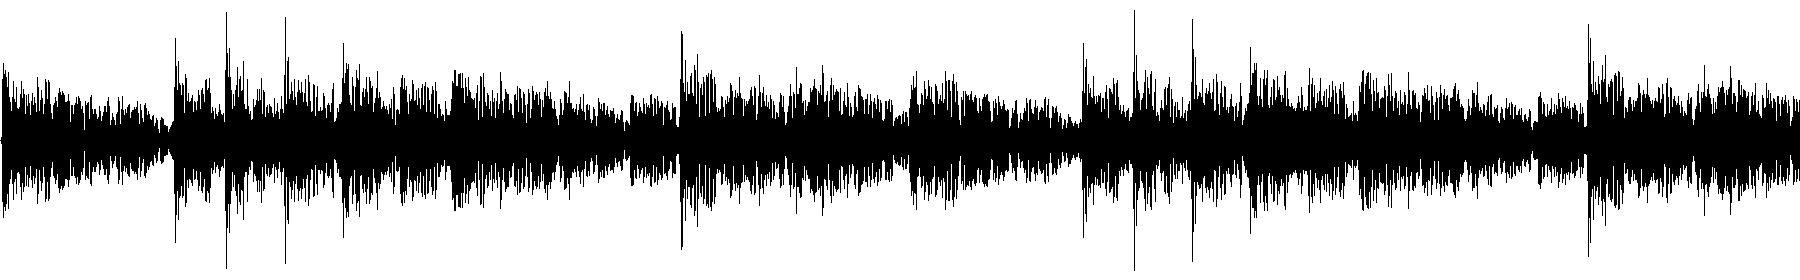 blbc cinedrumsa 110 02